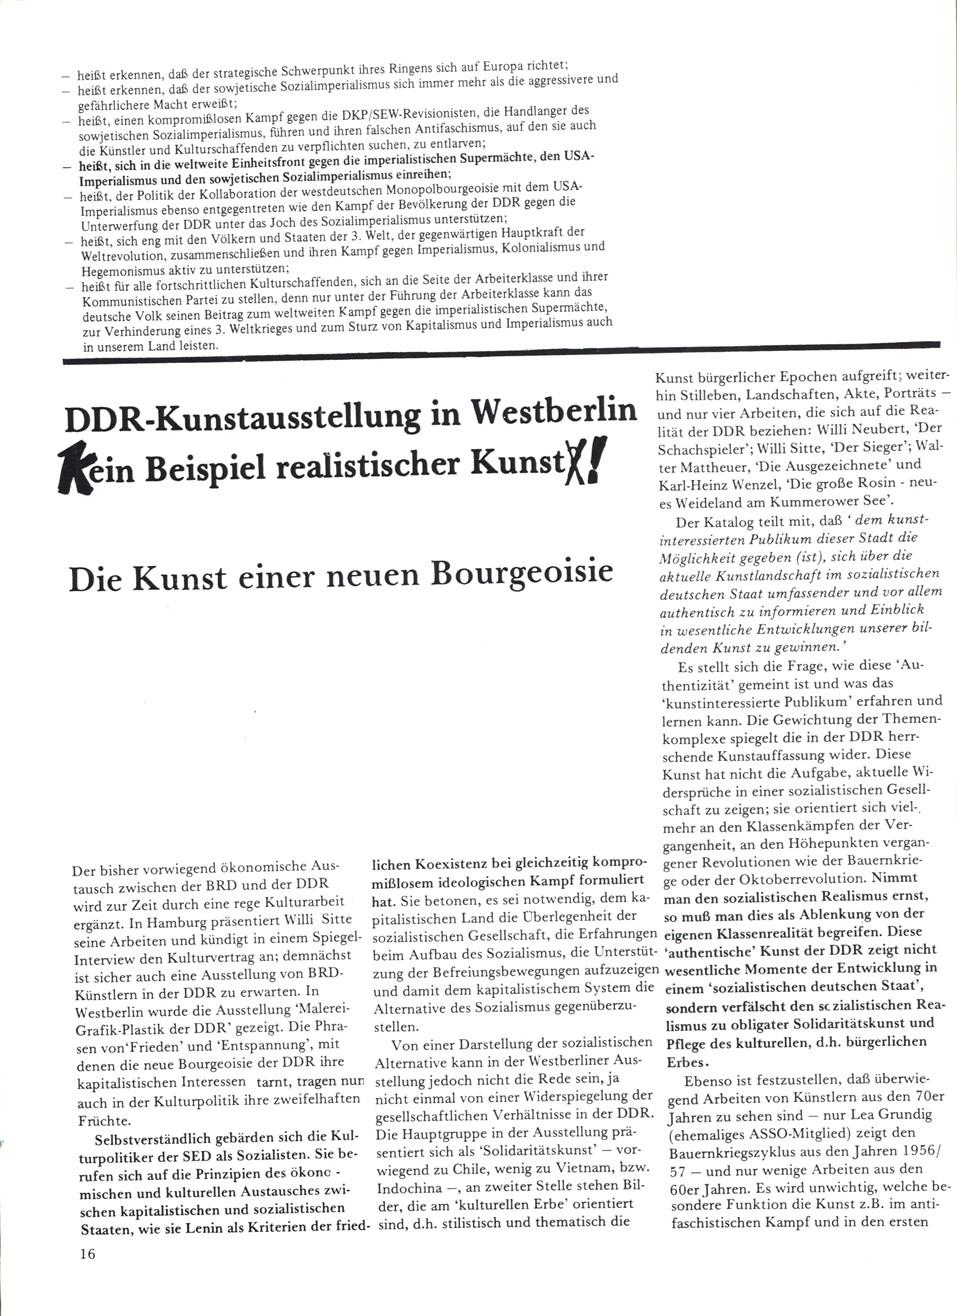 VSK_Kaempfende_Kunst_19750500_16